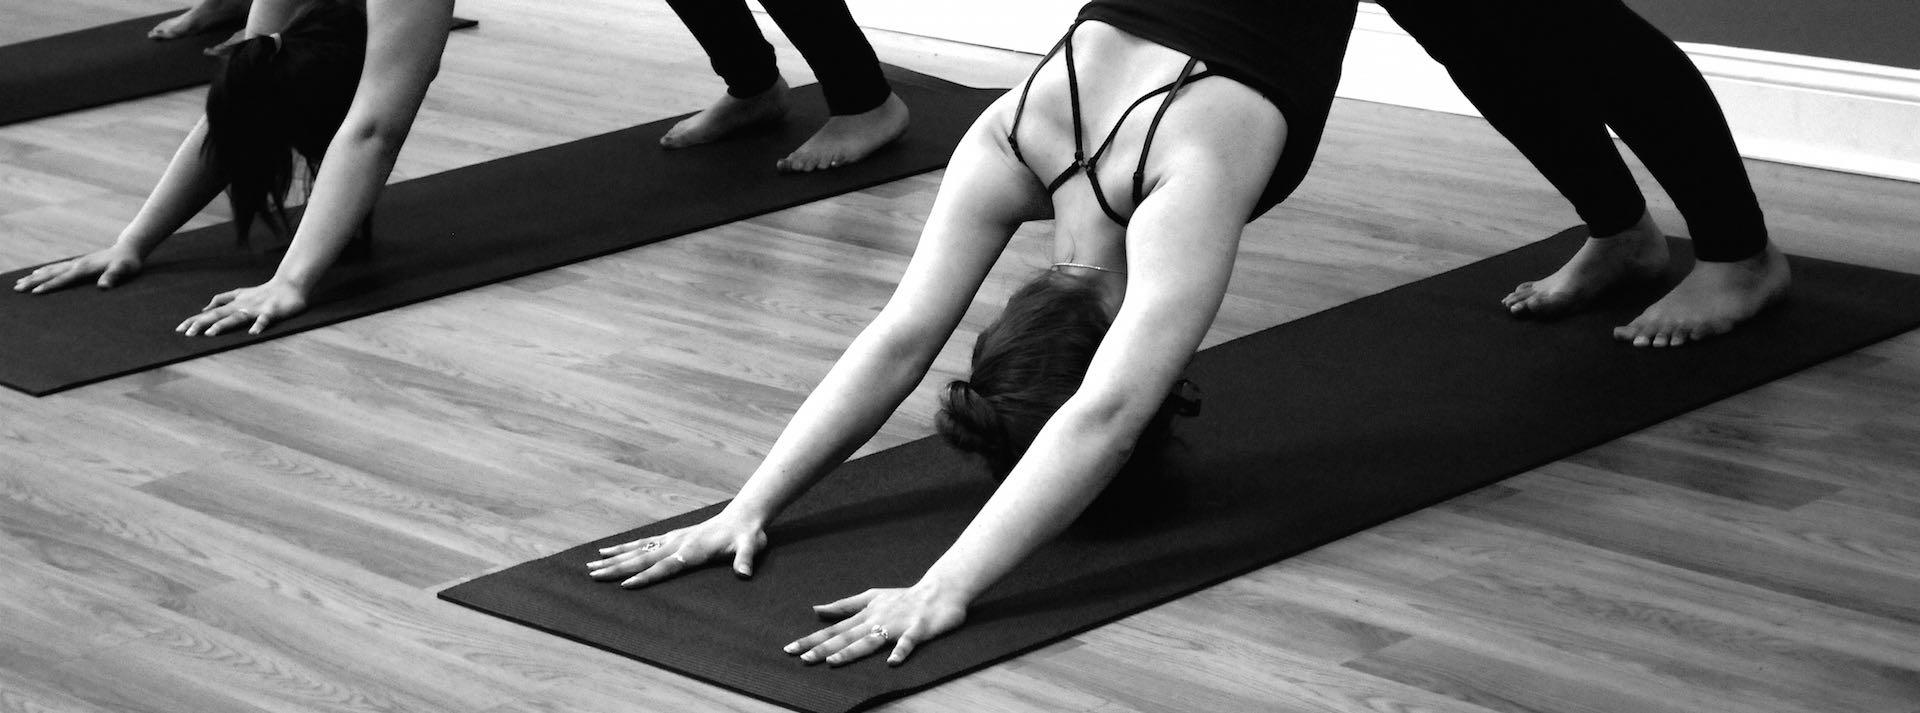 Cuidados na prática de yoga